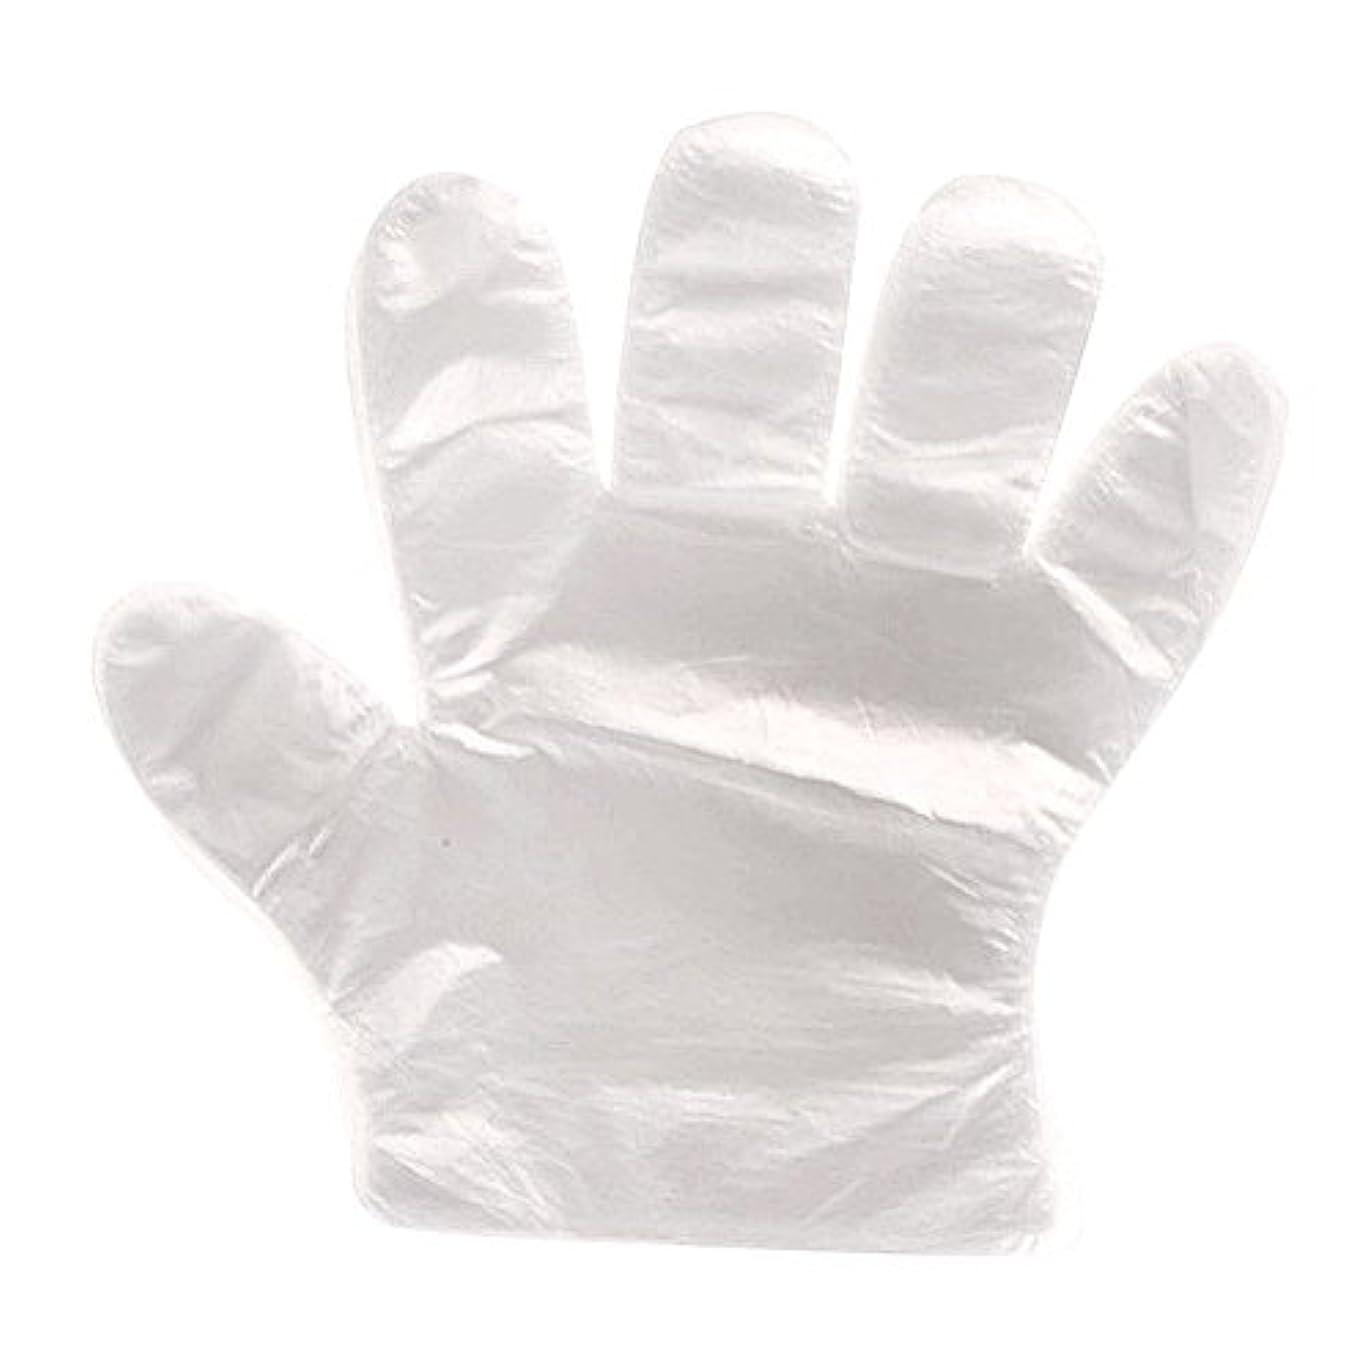 デンプシー覗く商人Beito 極薄 ビニール手袋 使い捨て手袋 透明手袋 プラスチック手袋 100枚入り